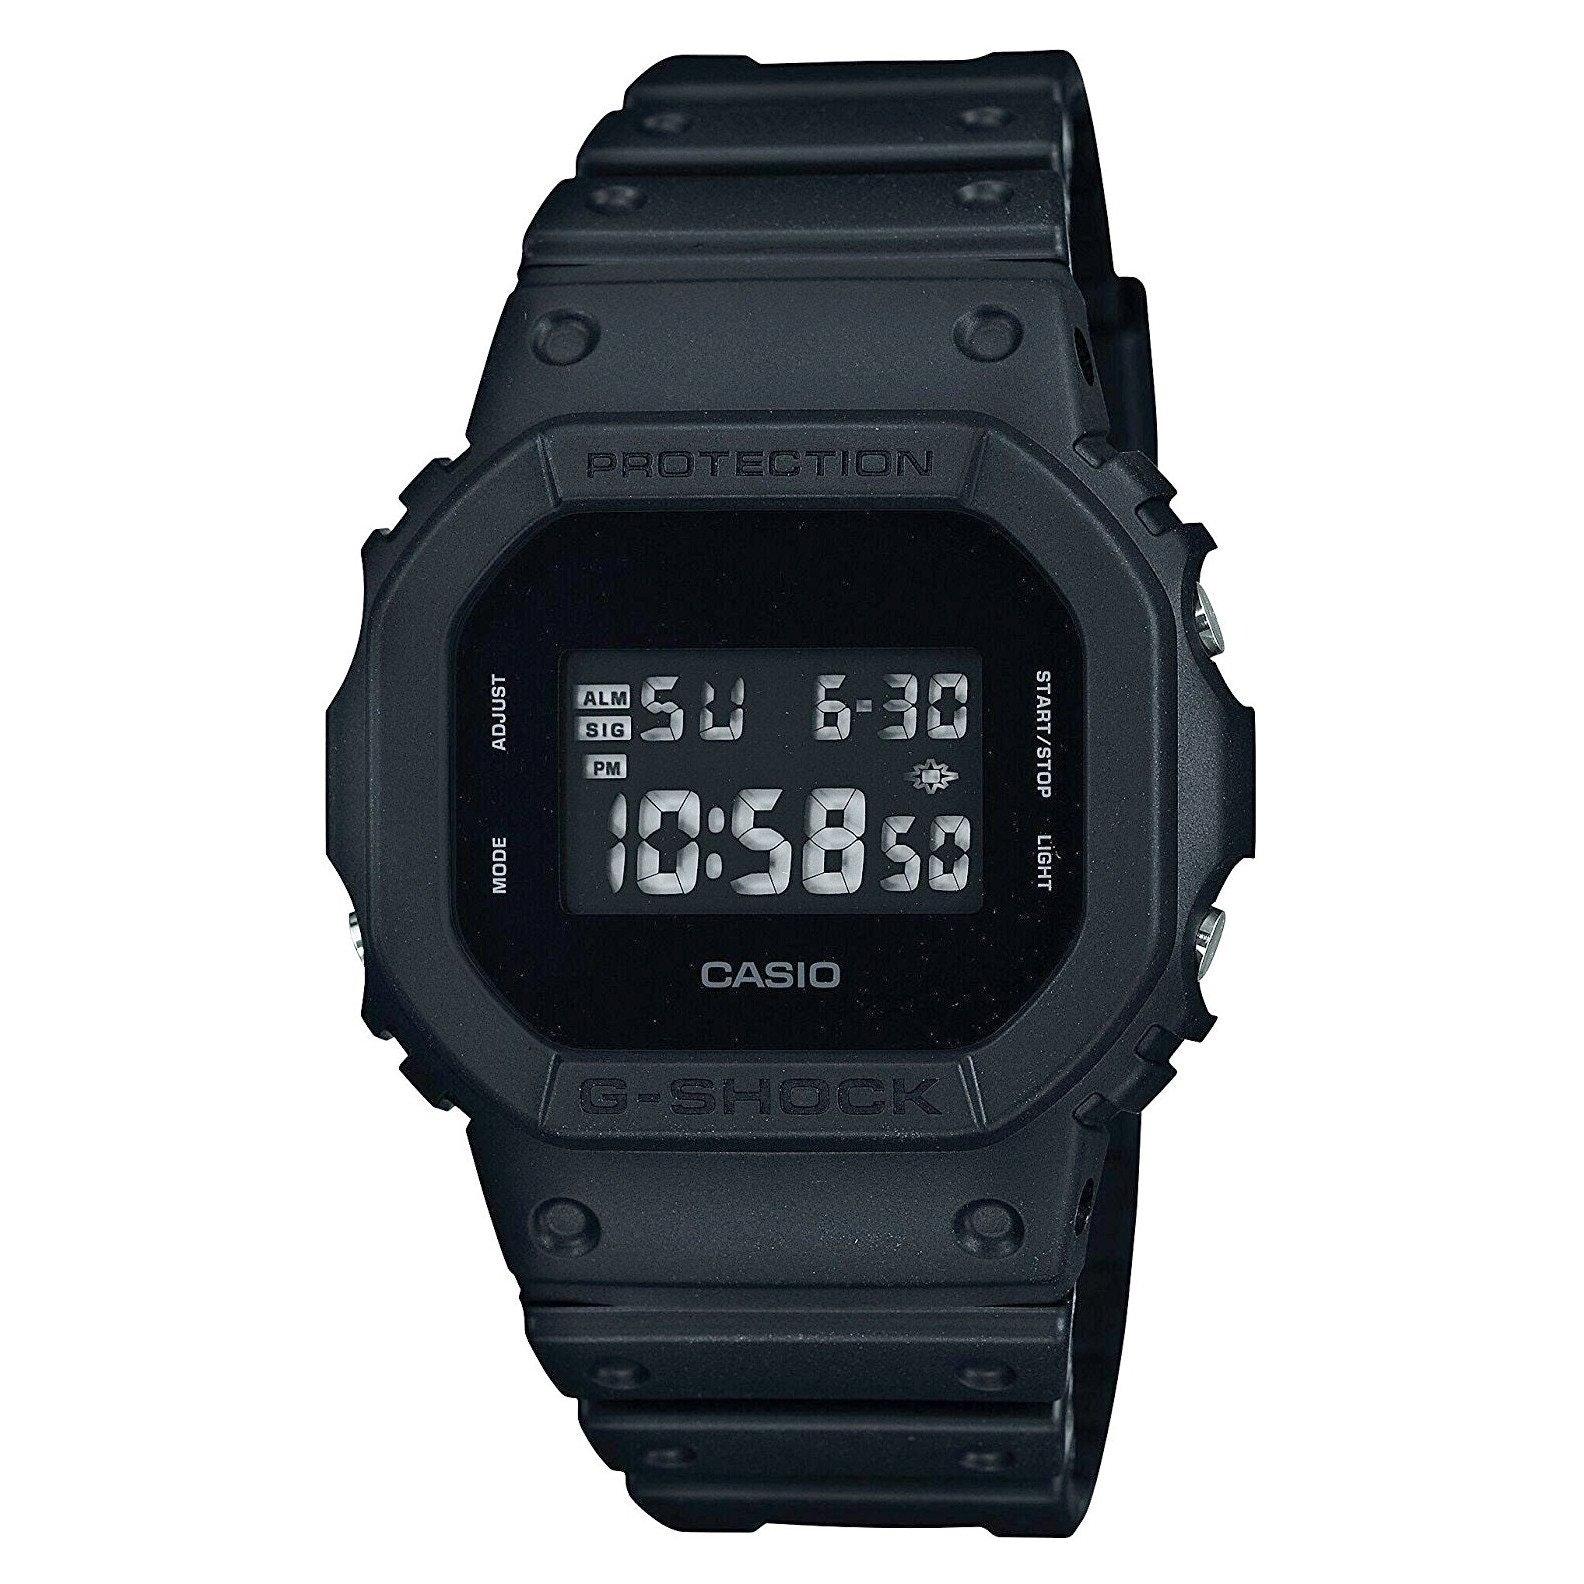 Casio G-Shock Specials DW-5600BB-1CR